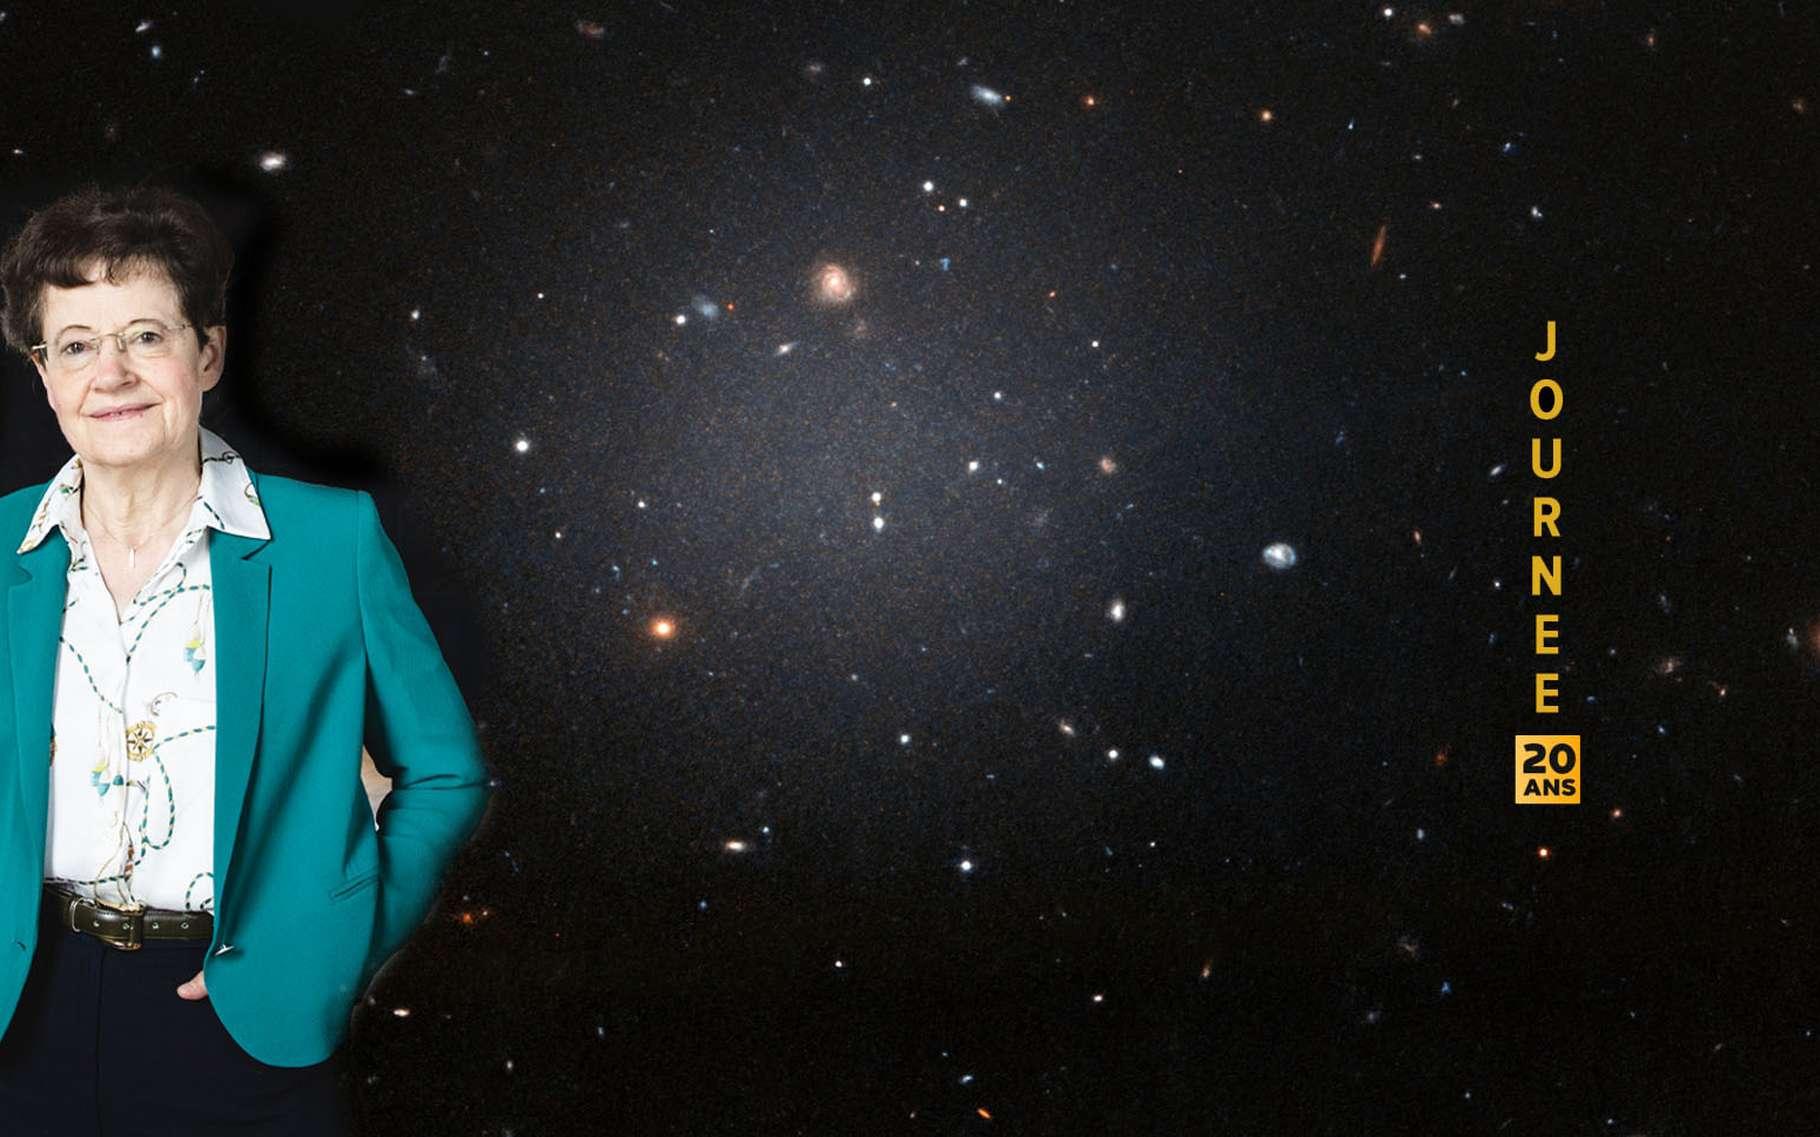 L'astrophysicienne Françoise Combes, la médaille d'or 2020 du CNRS, professeure au Collège de France et chercheuse à l'Observatoire de Paris. © Jul / Futura